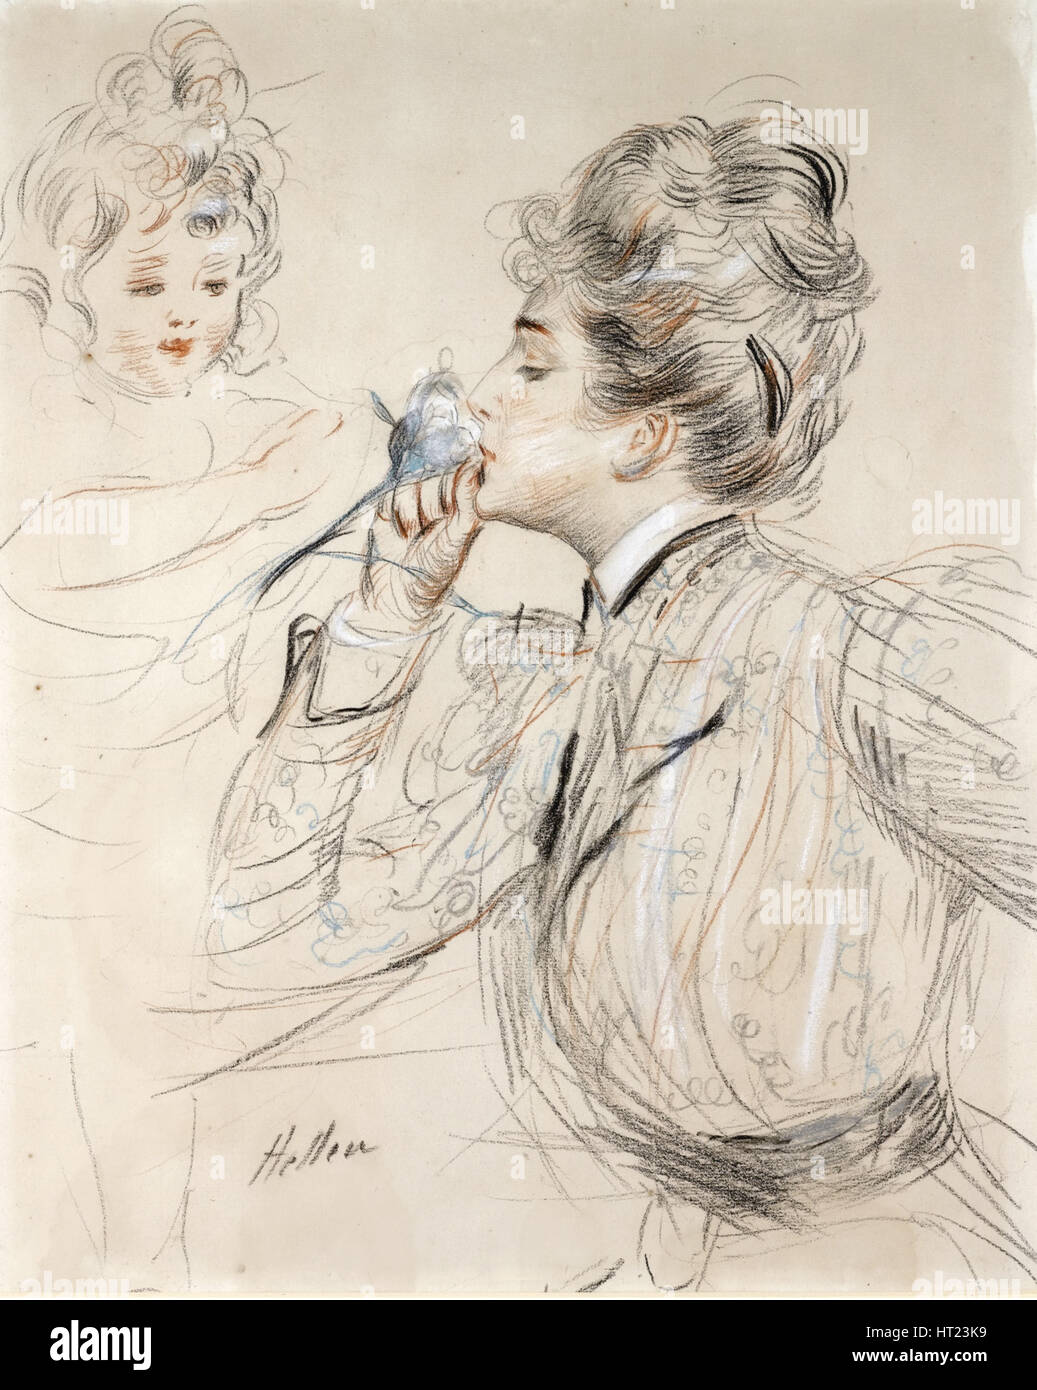 Le Parfum. Artist: Helleu, Paul César (1859-1927) - Stock Image